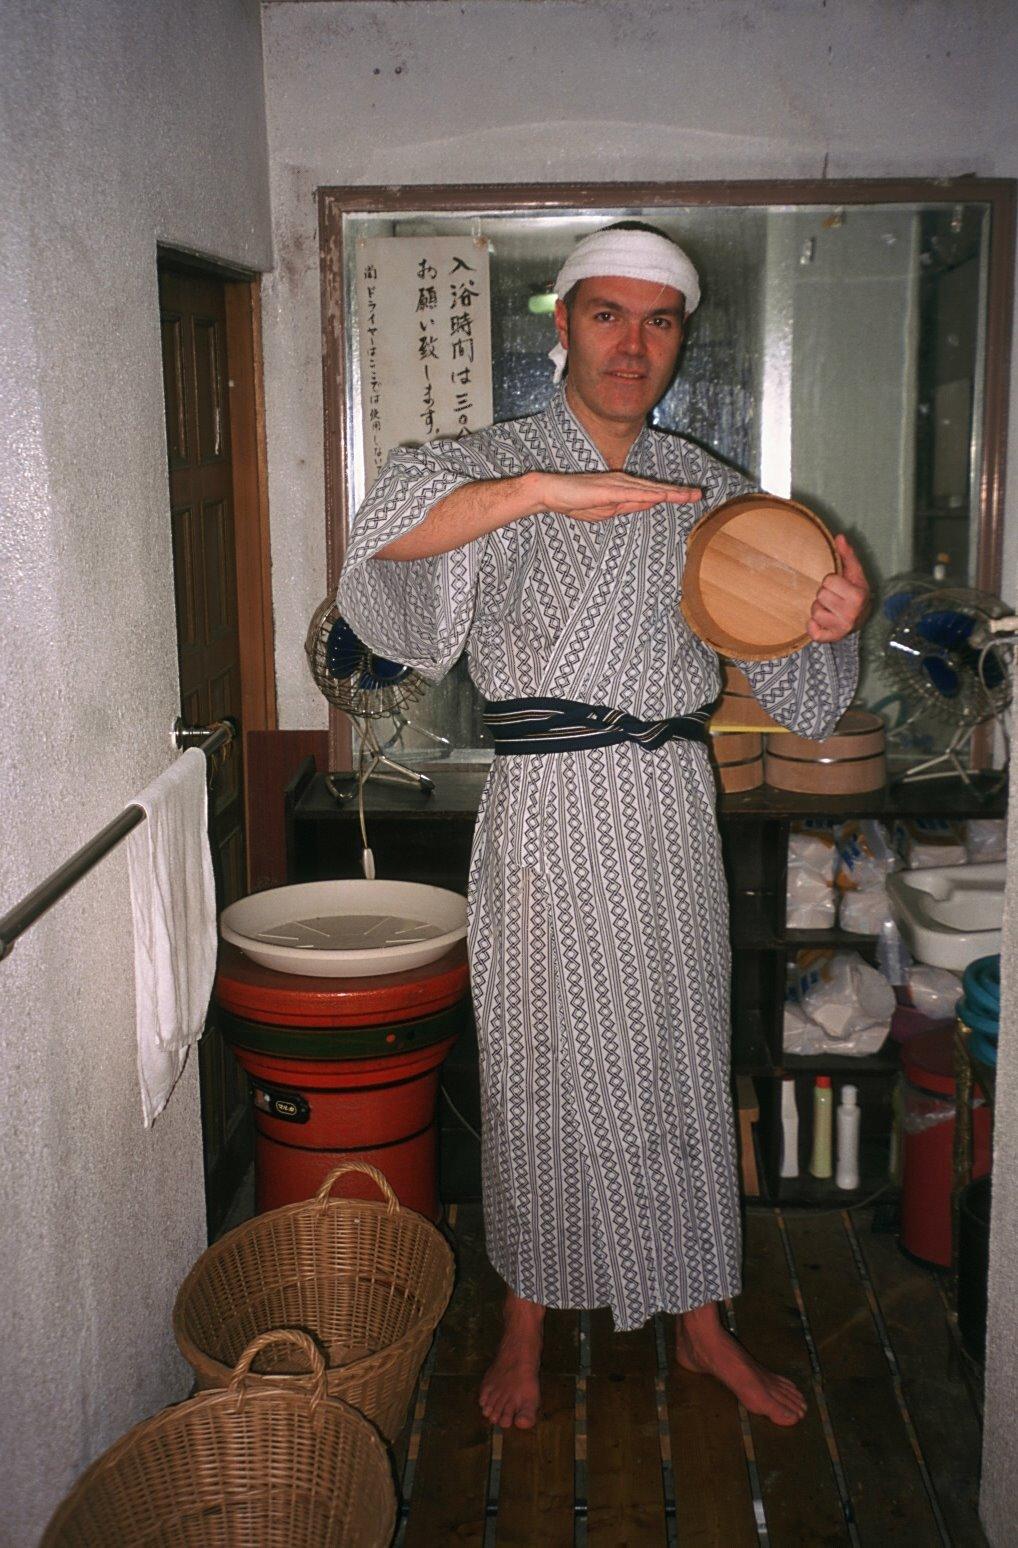 Baños Termales Japon:DIARIO DE VIAJES: JAPON: BEPPU Y LOS BAÑOS TERMALES